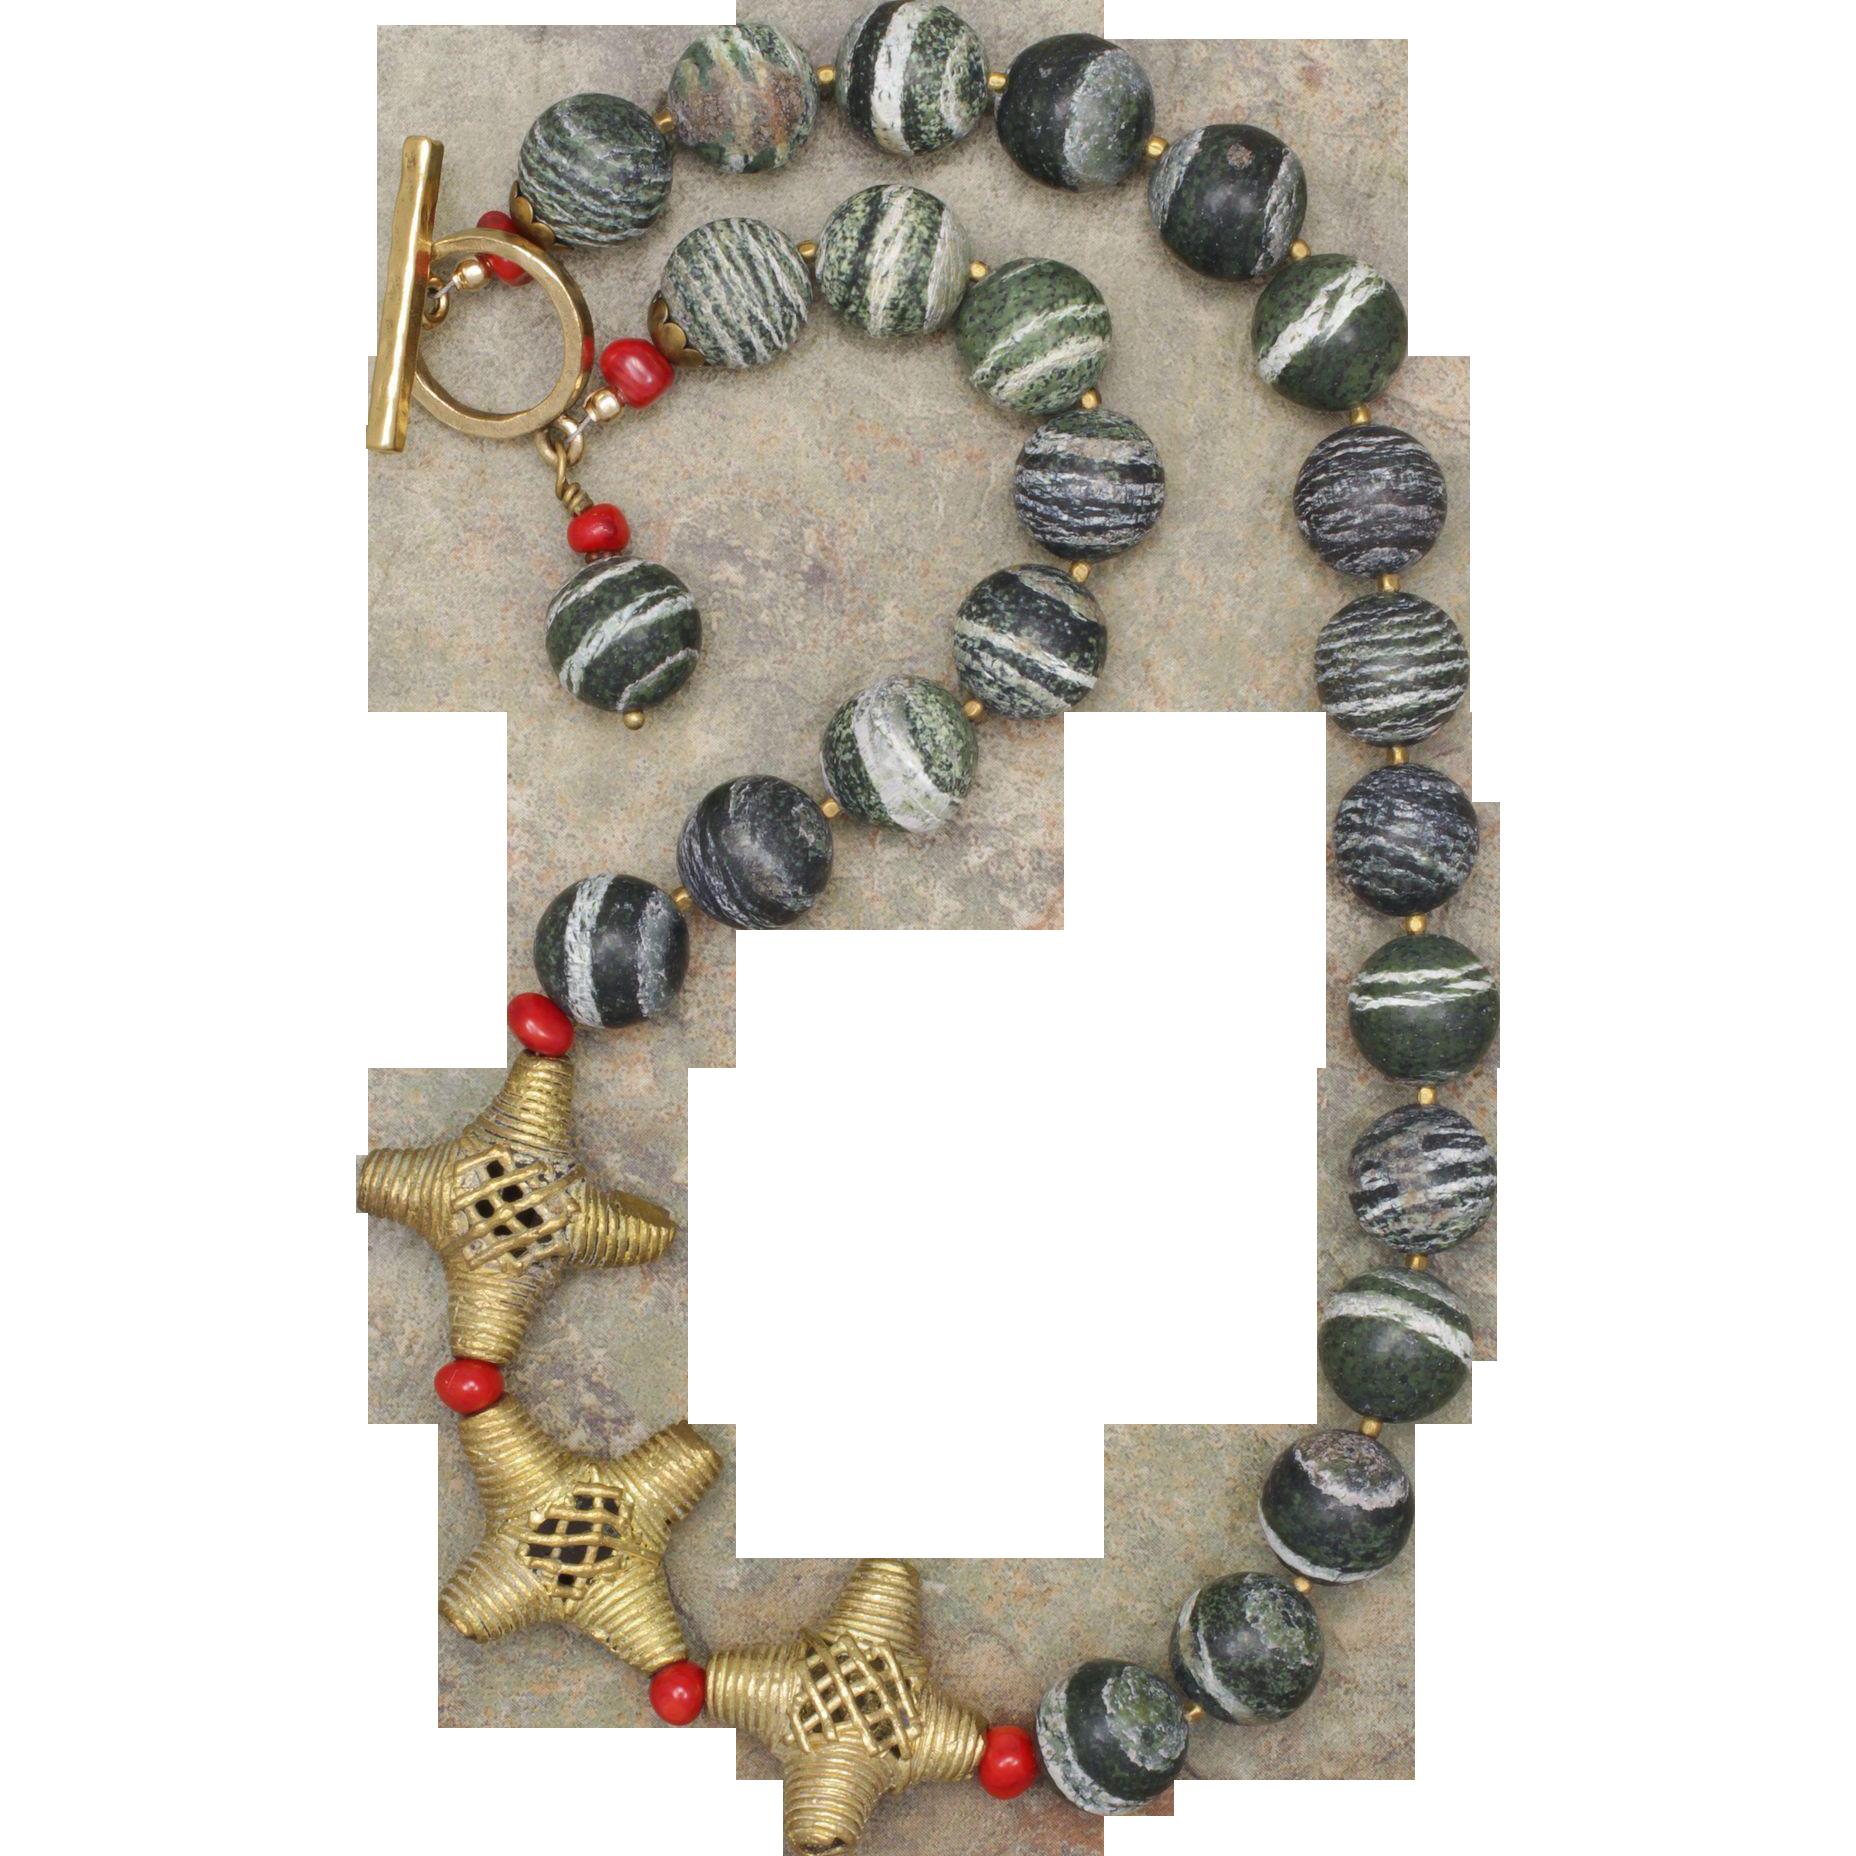 Green Zebra Jasper and African Brass Bead Necklace